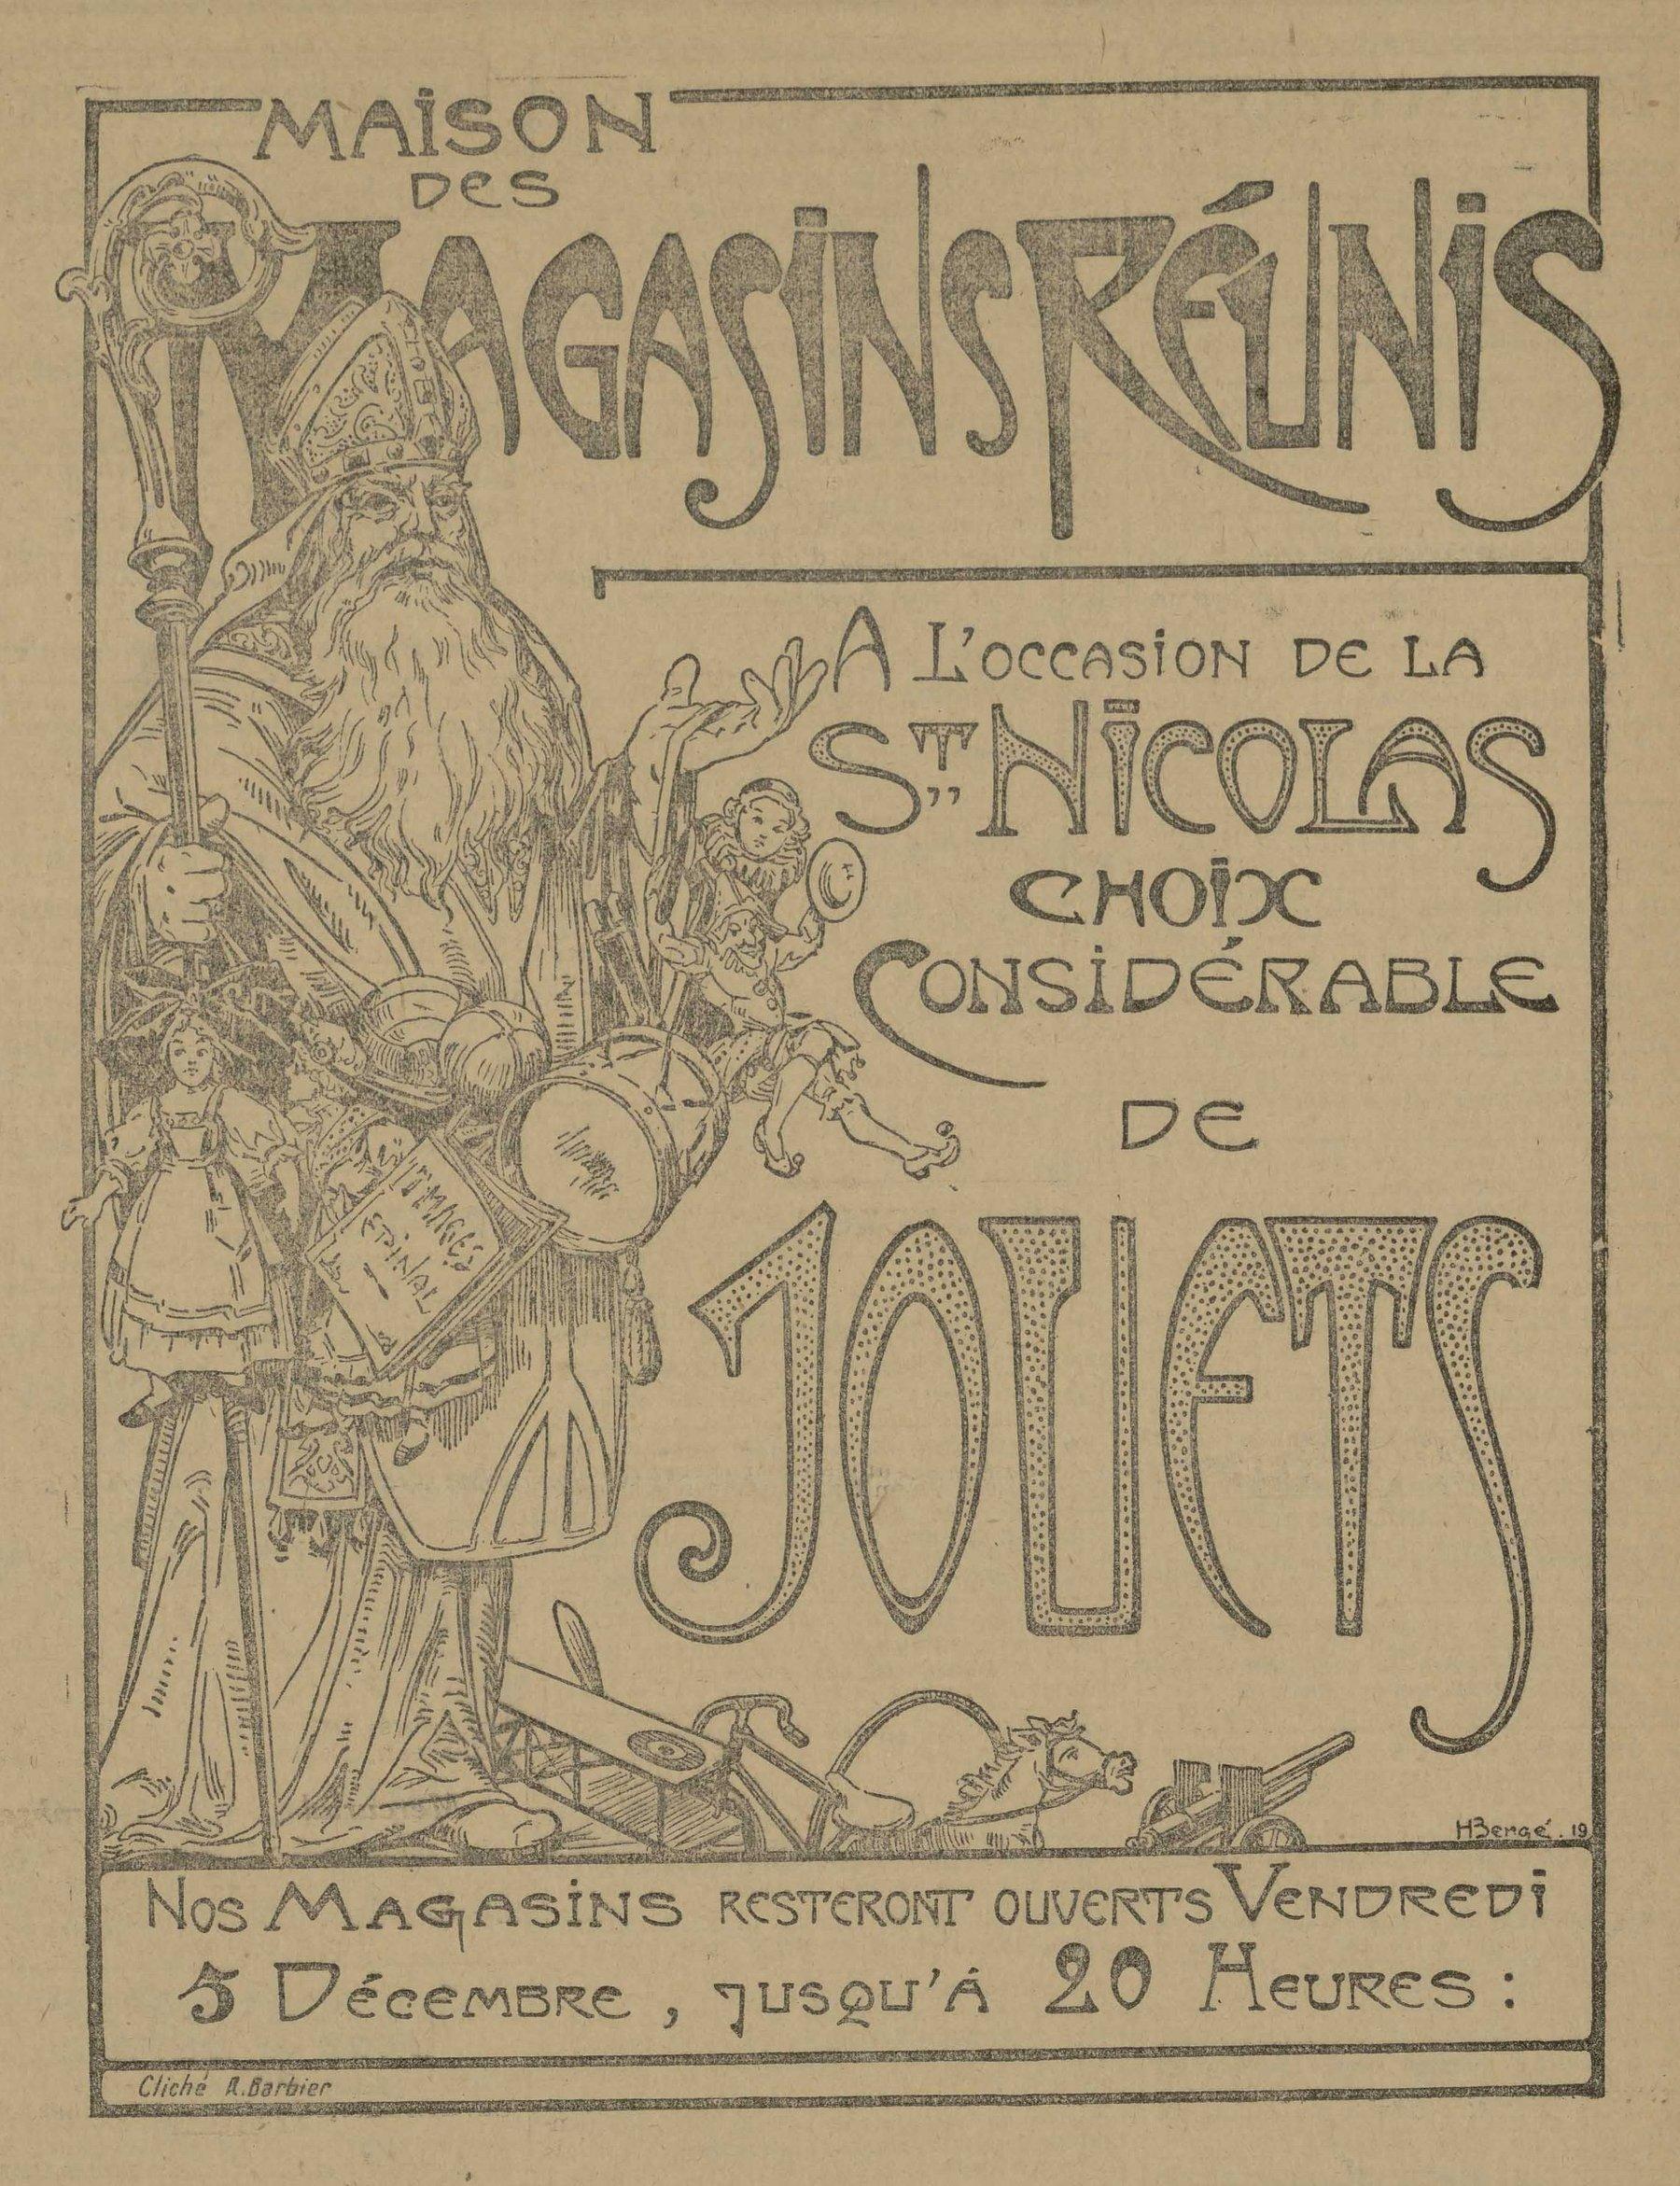 Contenu du À l'occasion de la Saint Nicolas choix considérable de jouets